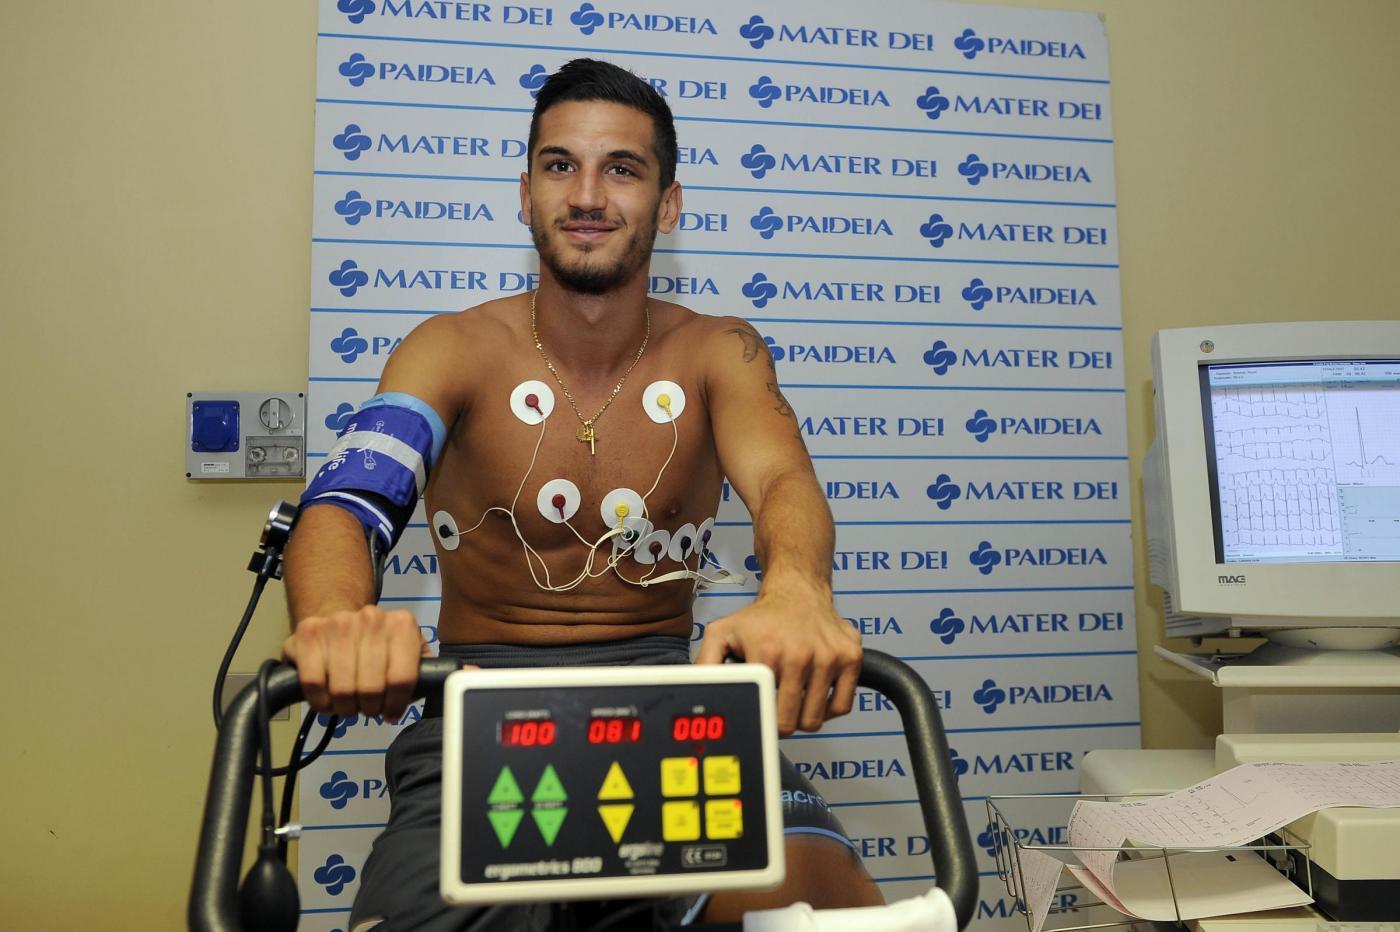 Visite Mediche giocatori S.S. Lazio alla Clinica Paideia di Roma